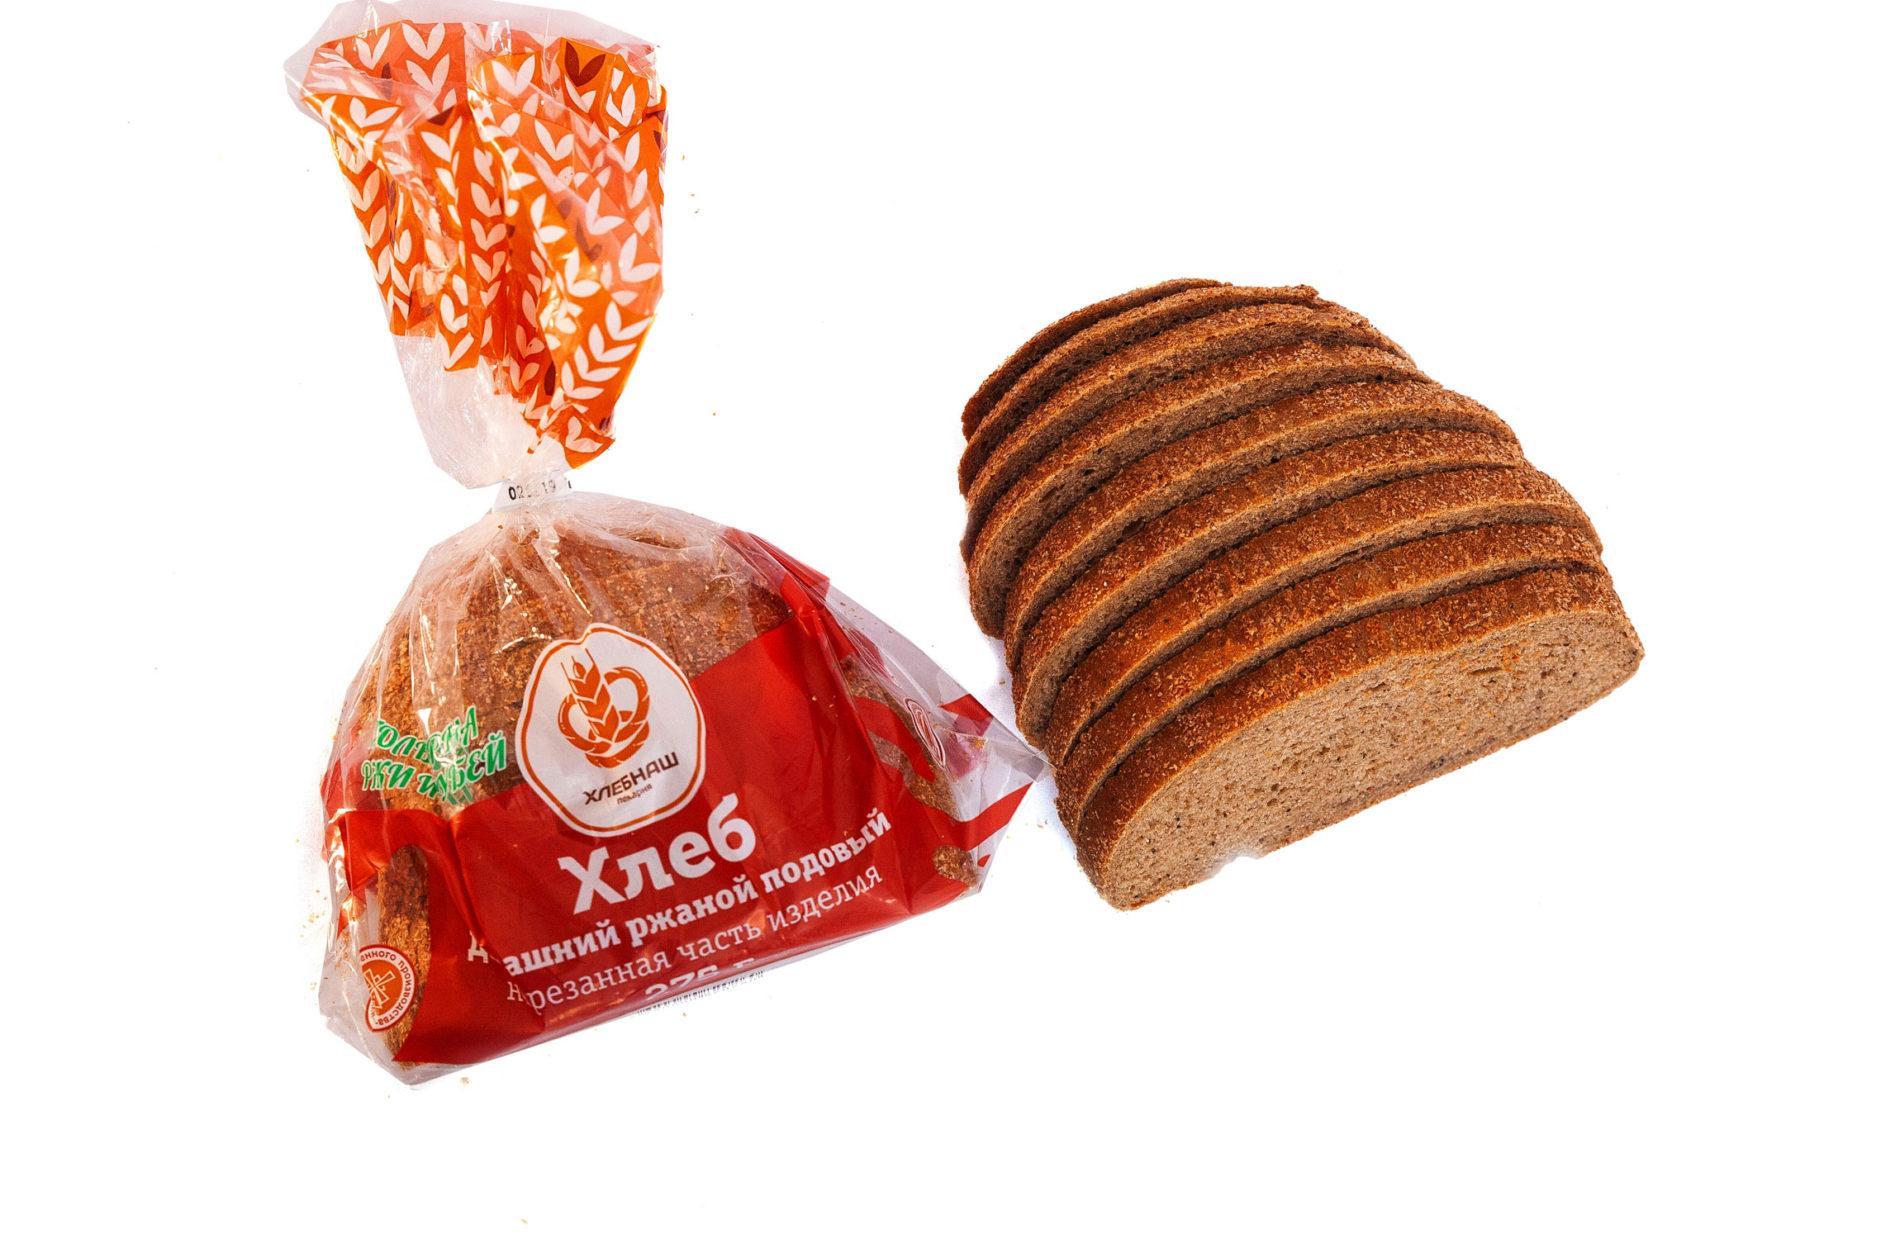 Хлеб-Домашний-ржаной